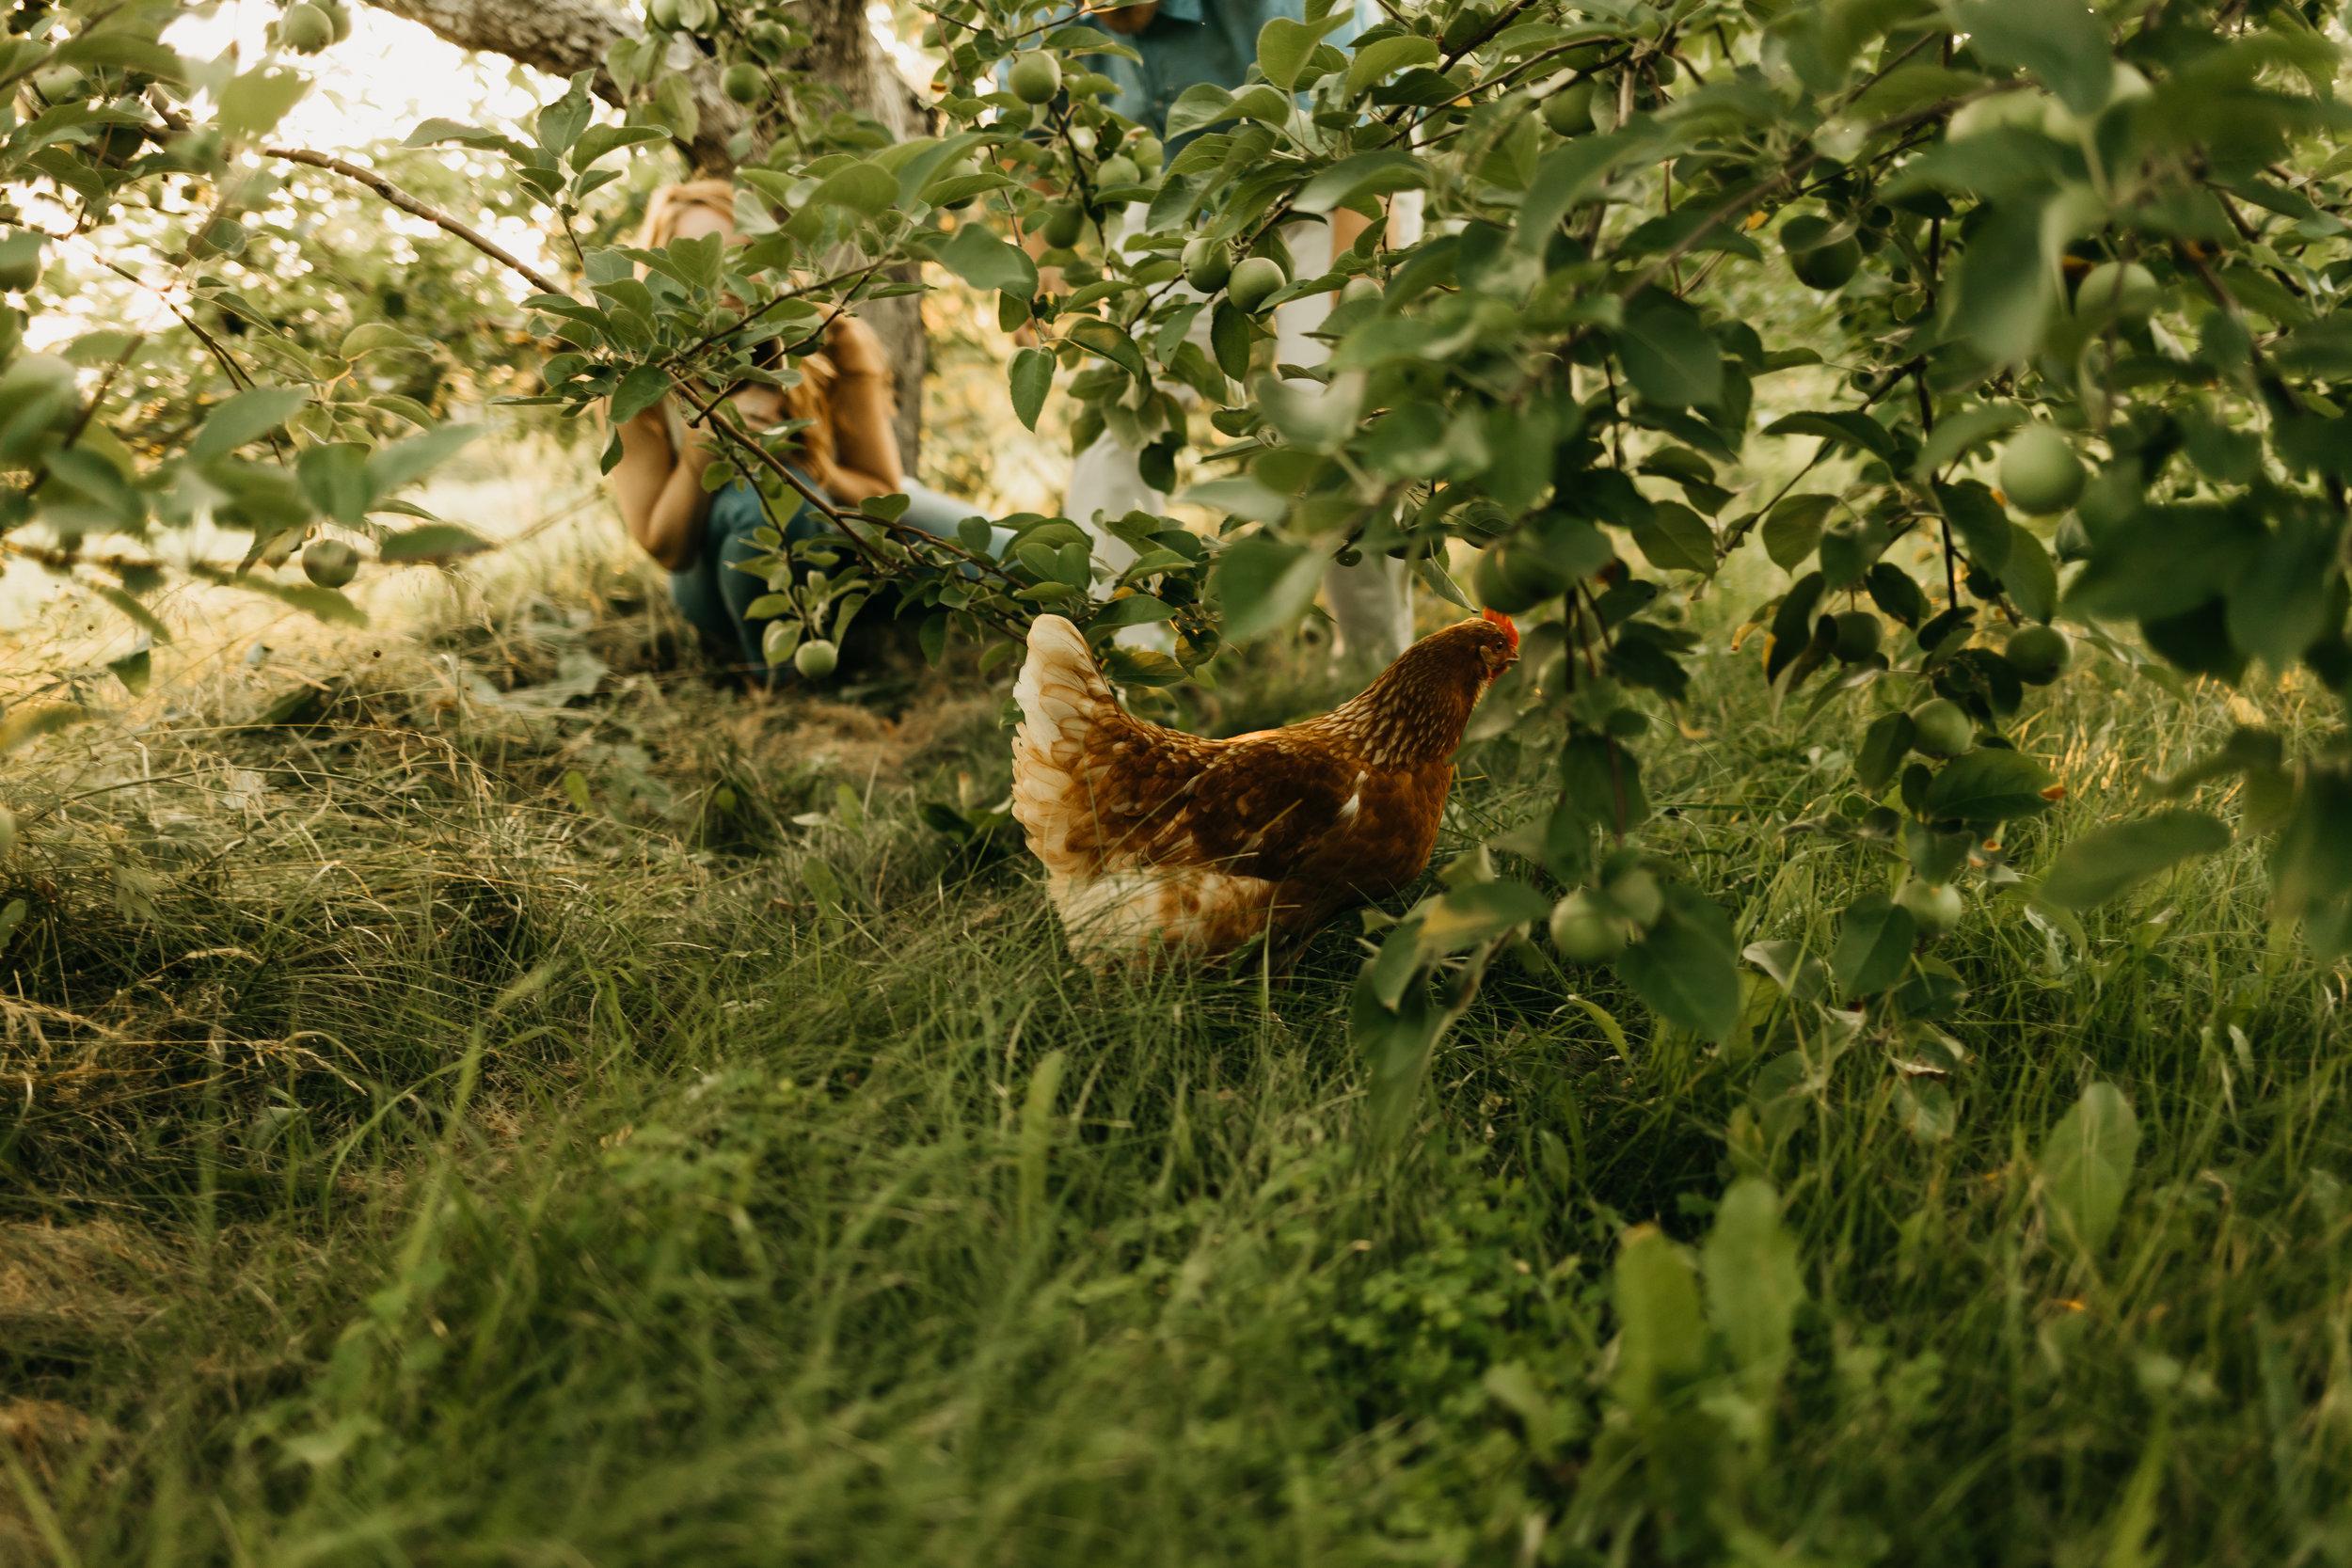 Engagement-shoot-Mont-saint-hilaire-québec-2344.jpg